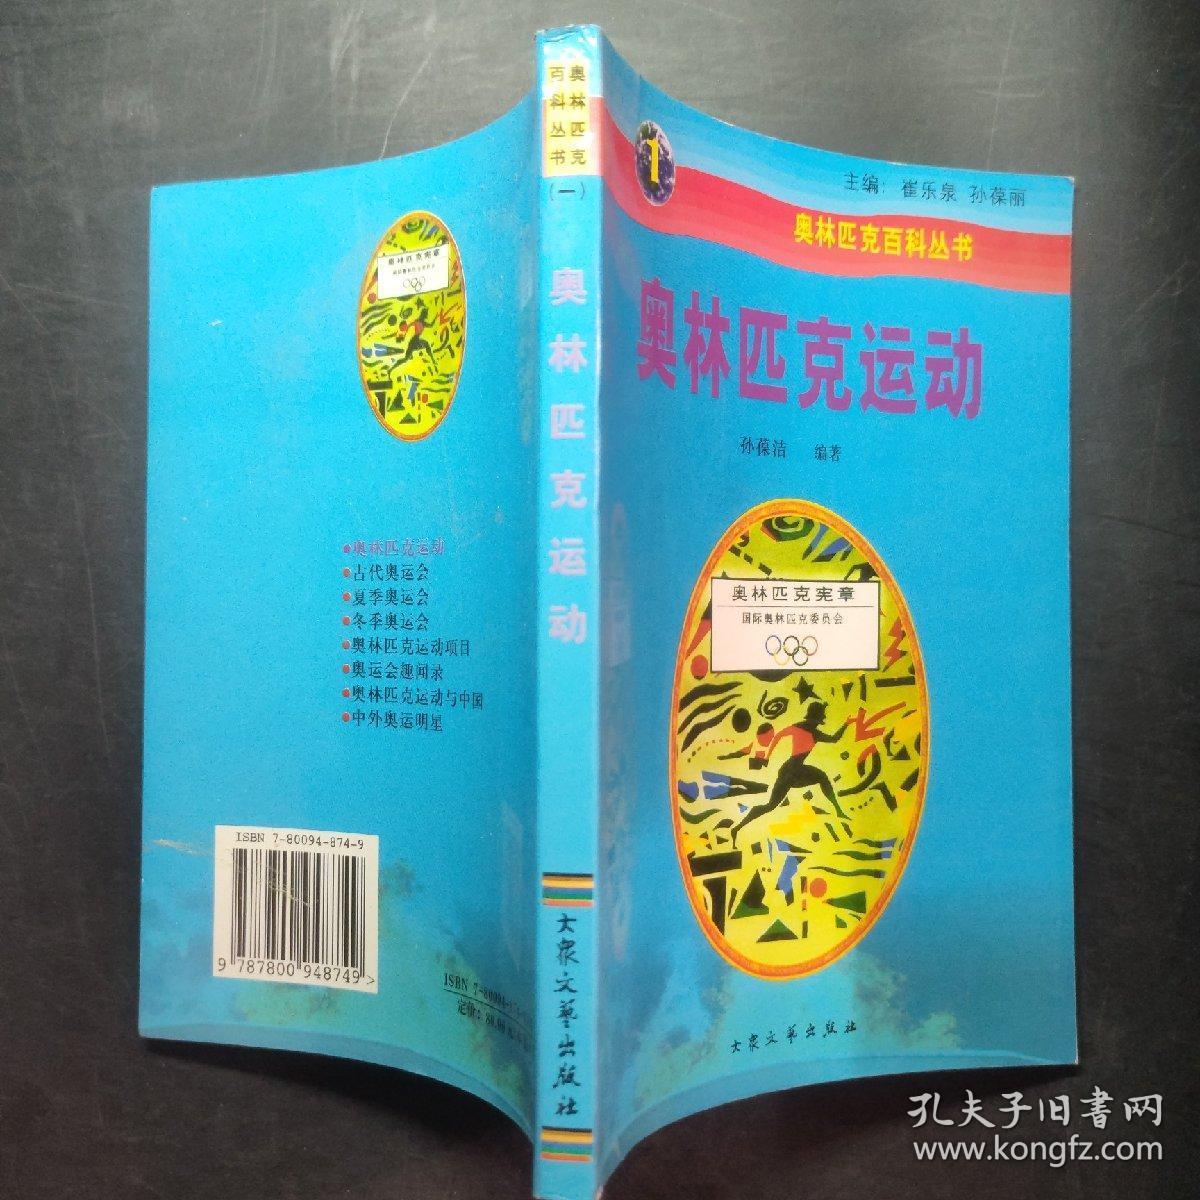 奥林匹克百科知识丛书:奥林匹克运动